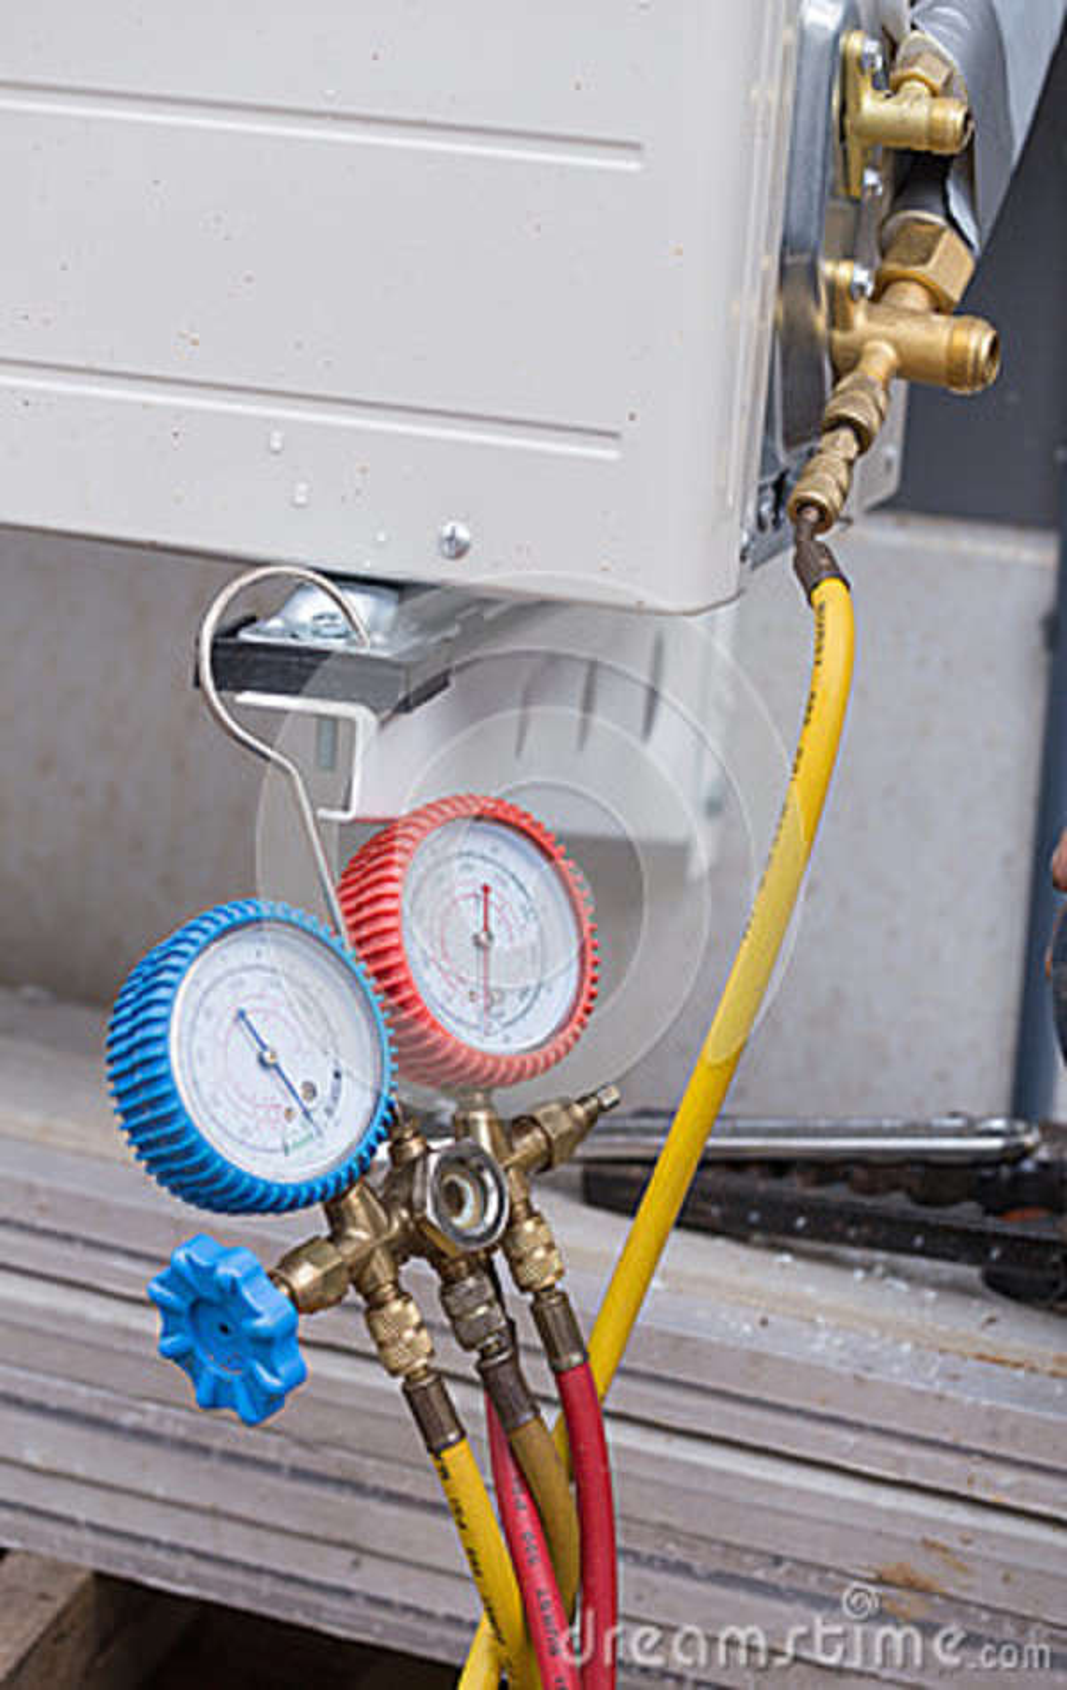 Насос для установки кондиционера чистка и заправка кондиционеров в краснодаре